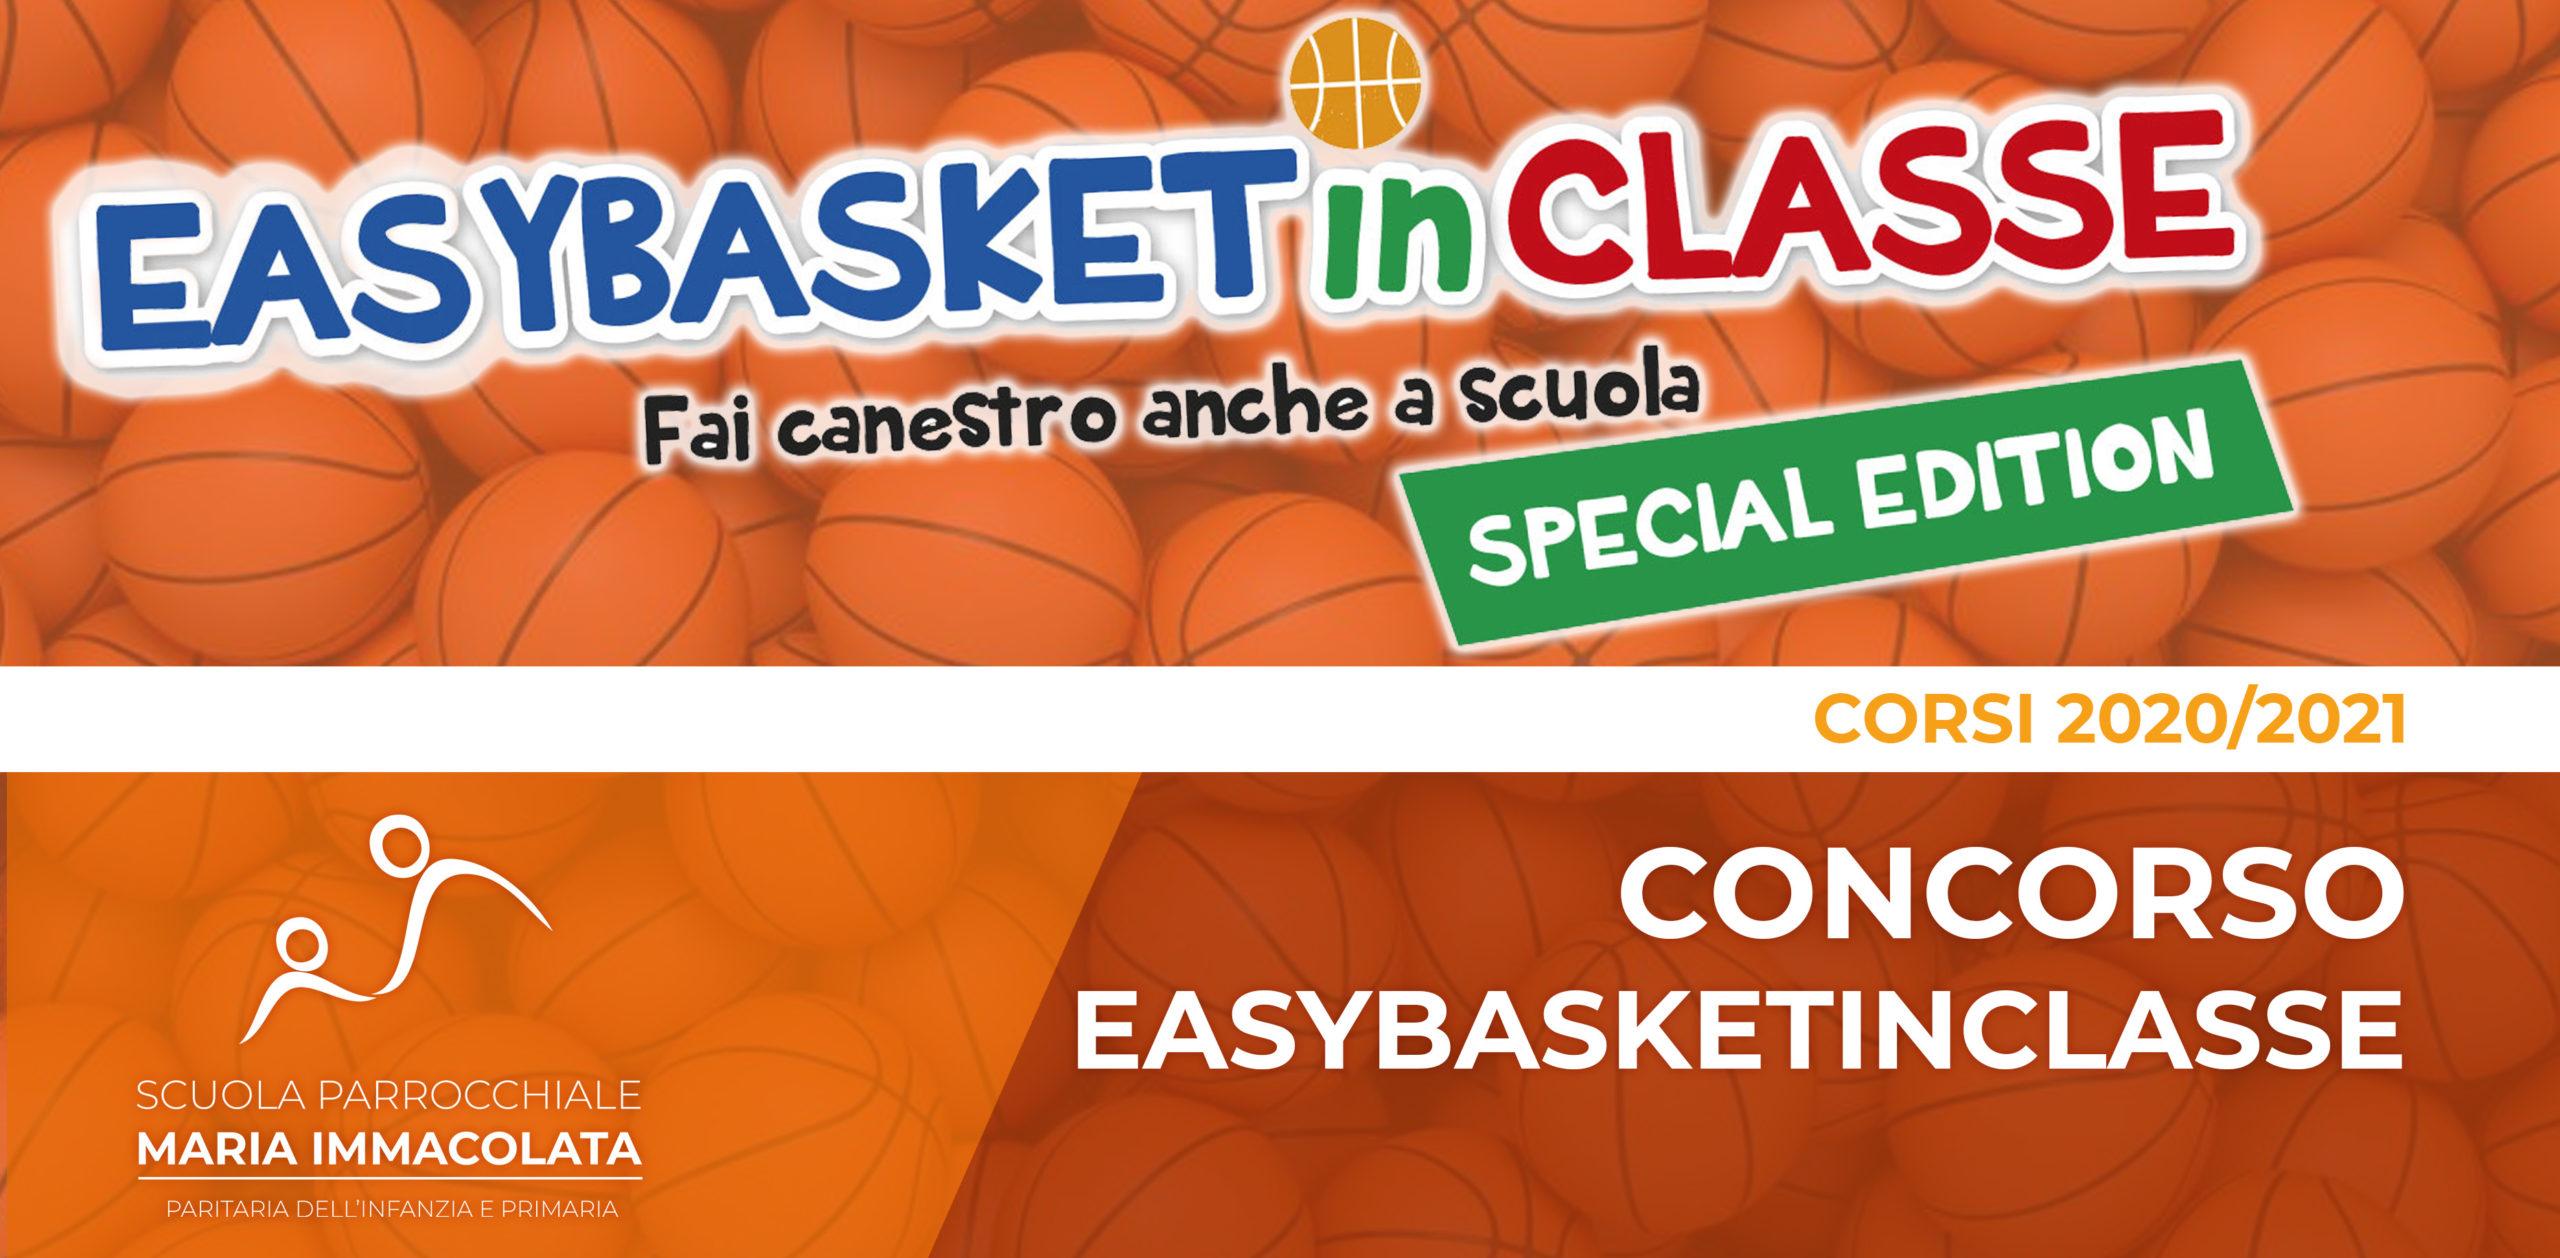 Concorso Easybasket in classe